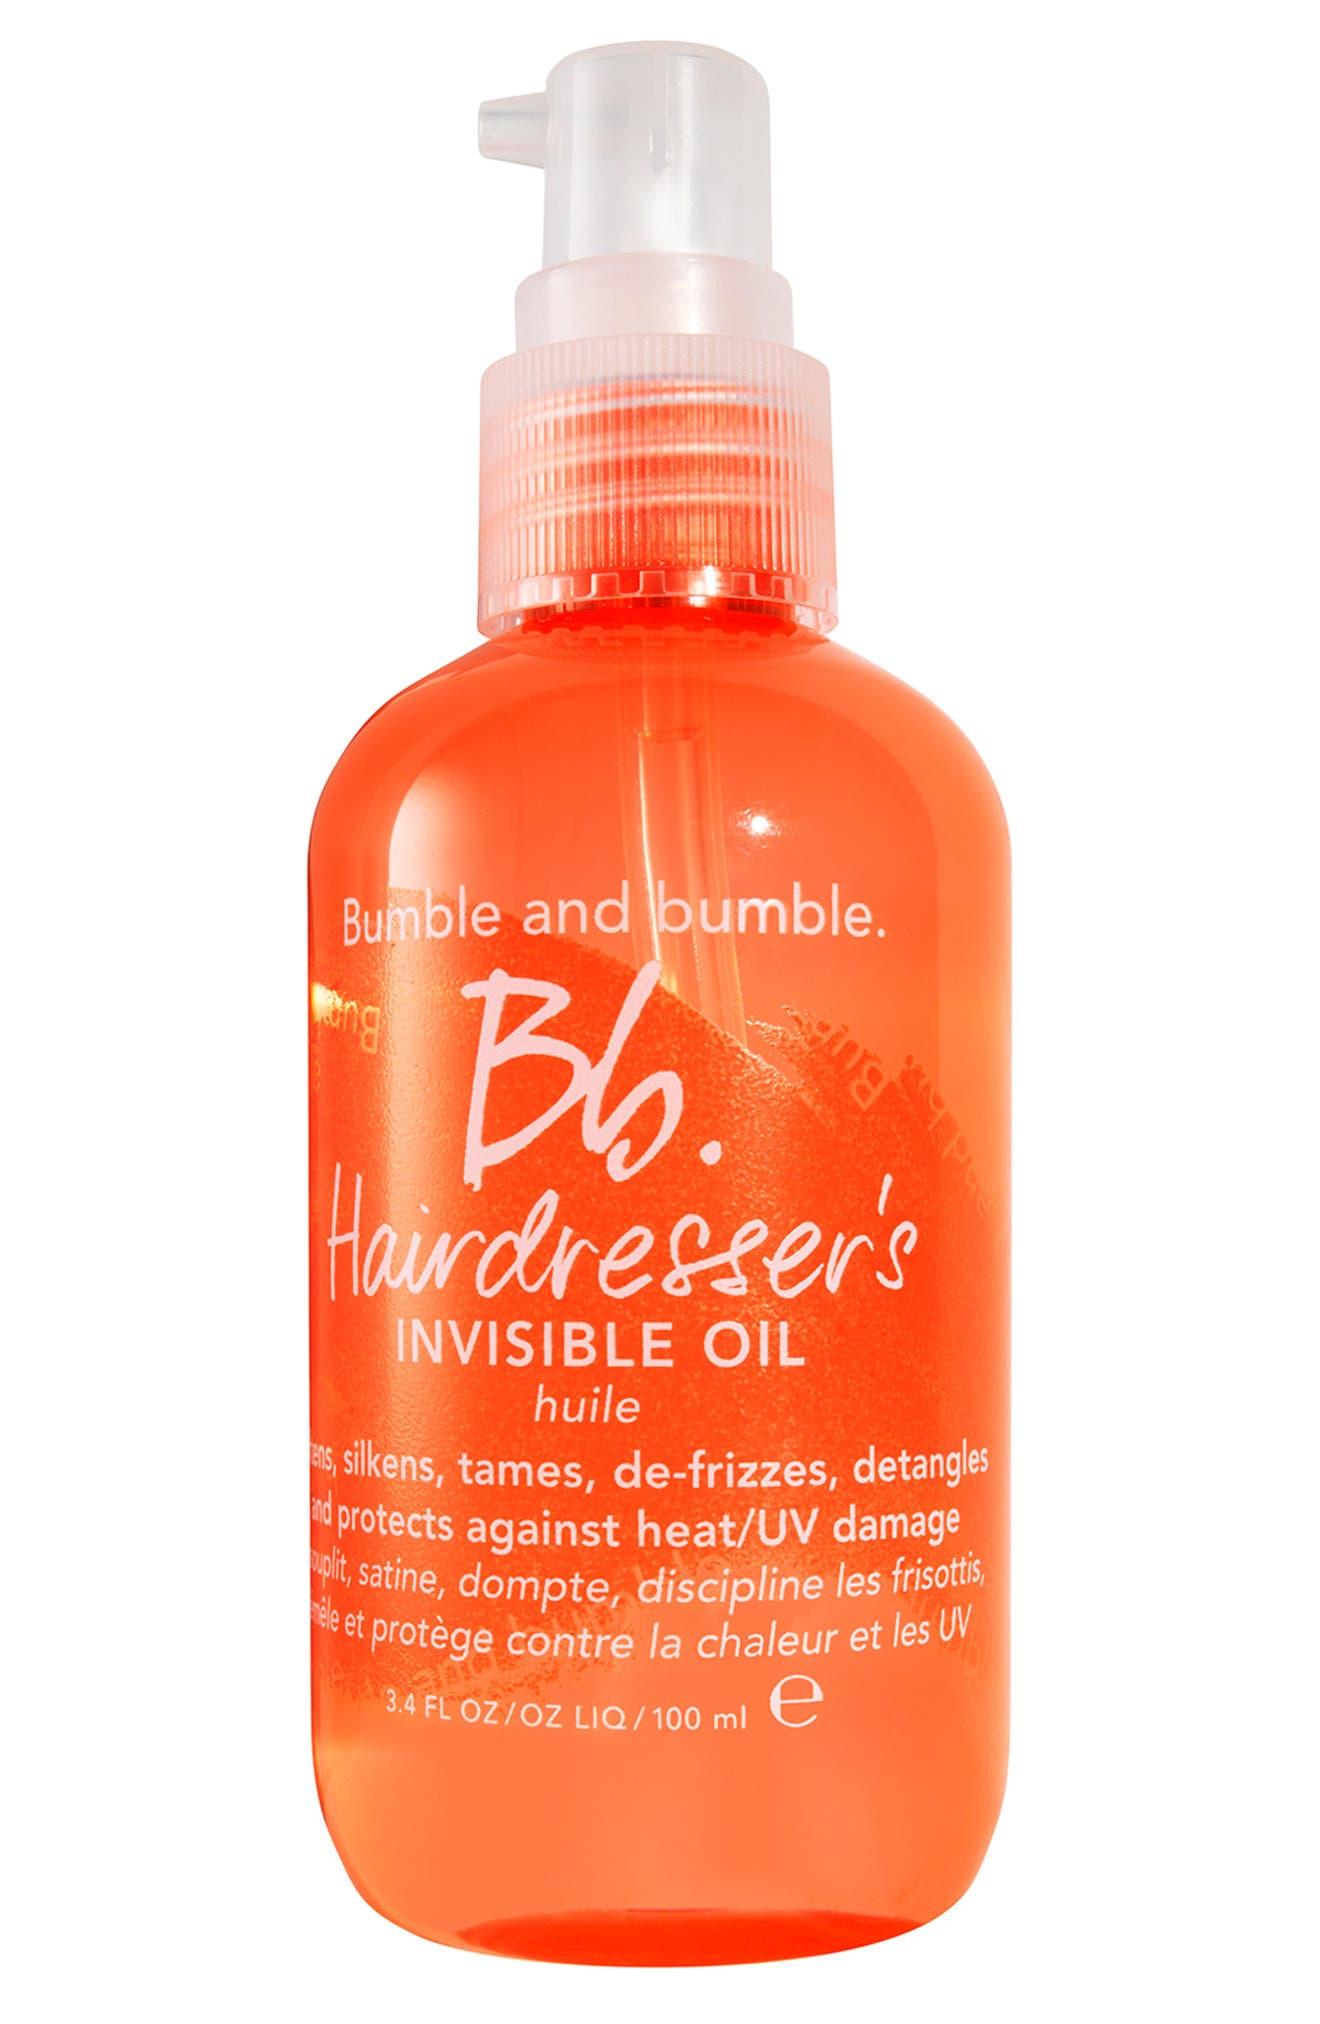 BUMBLE AND BUMBLE. Bumble and bumble Hairdresser's Invisible Oil, Main, color, NO COLOR